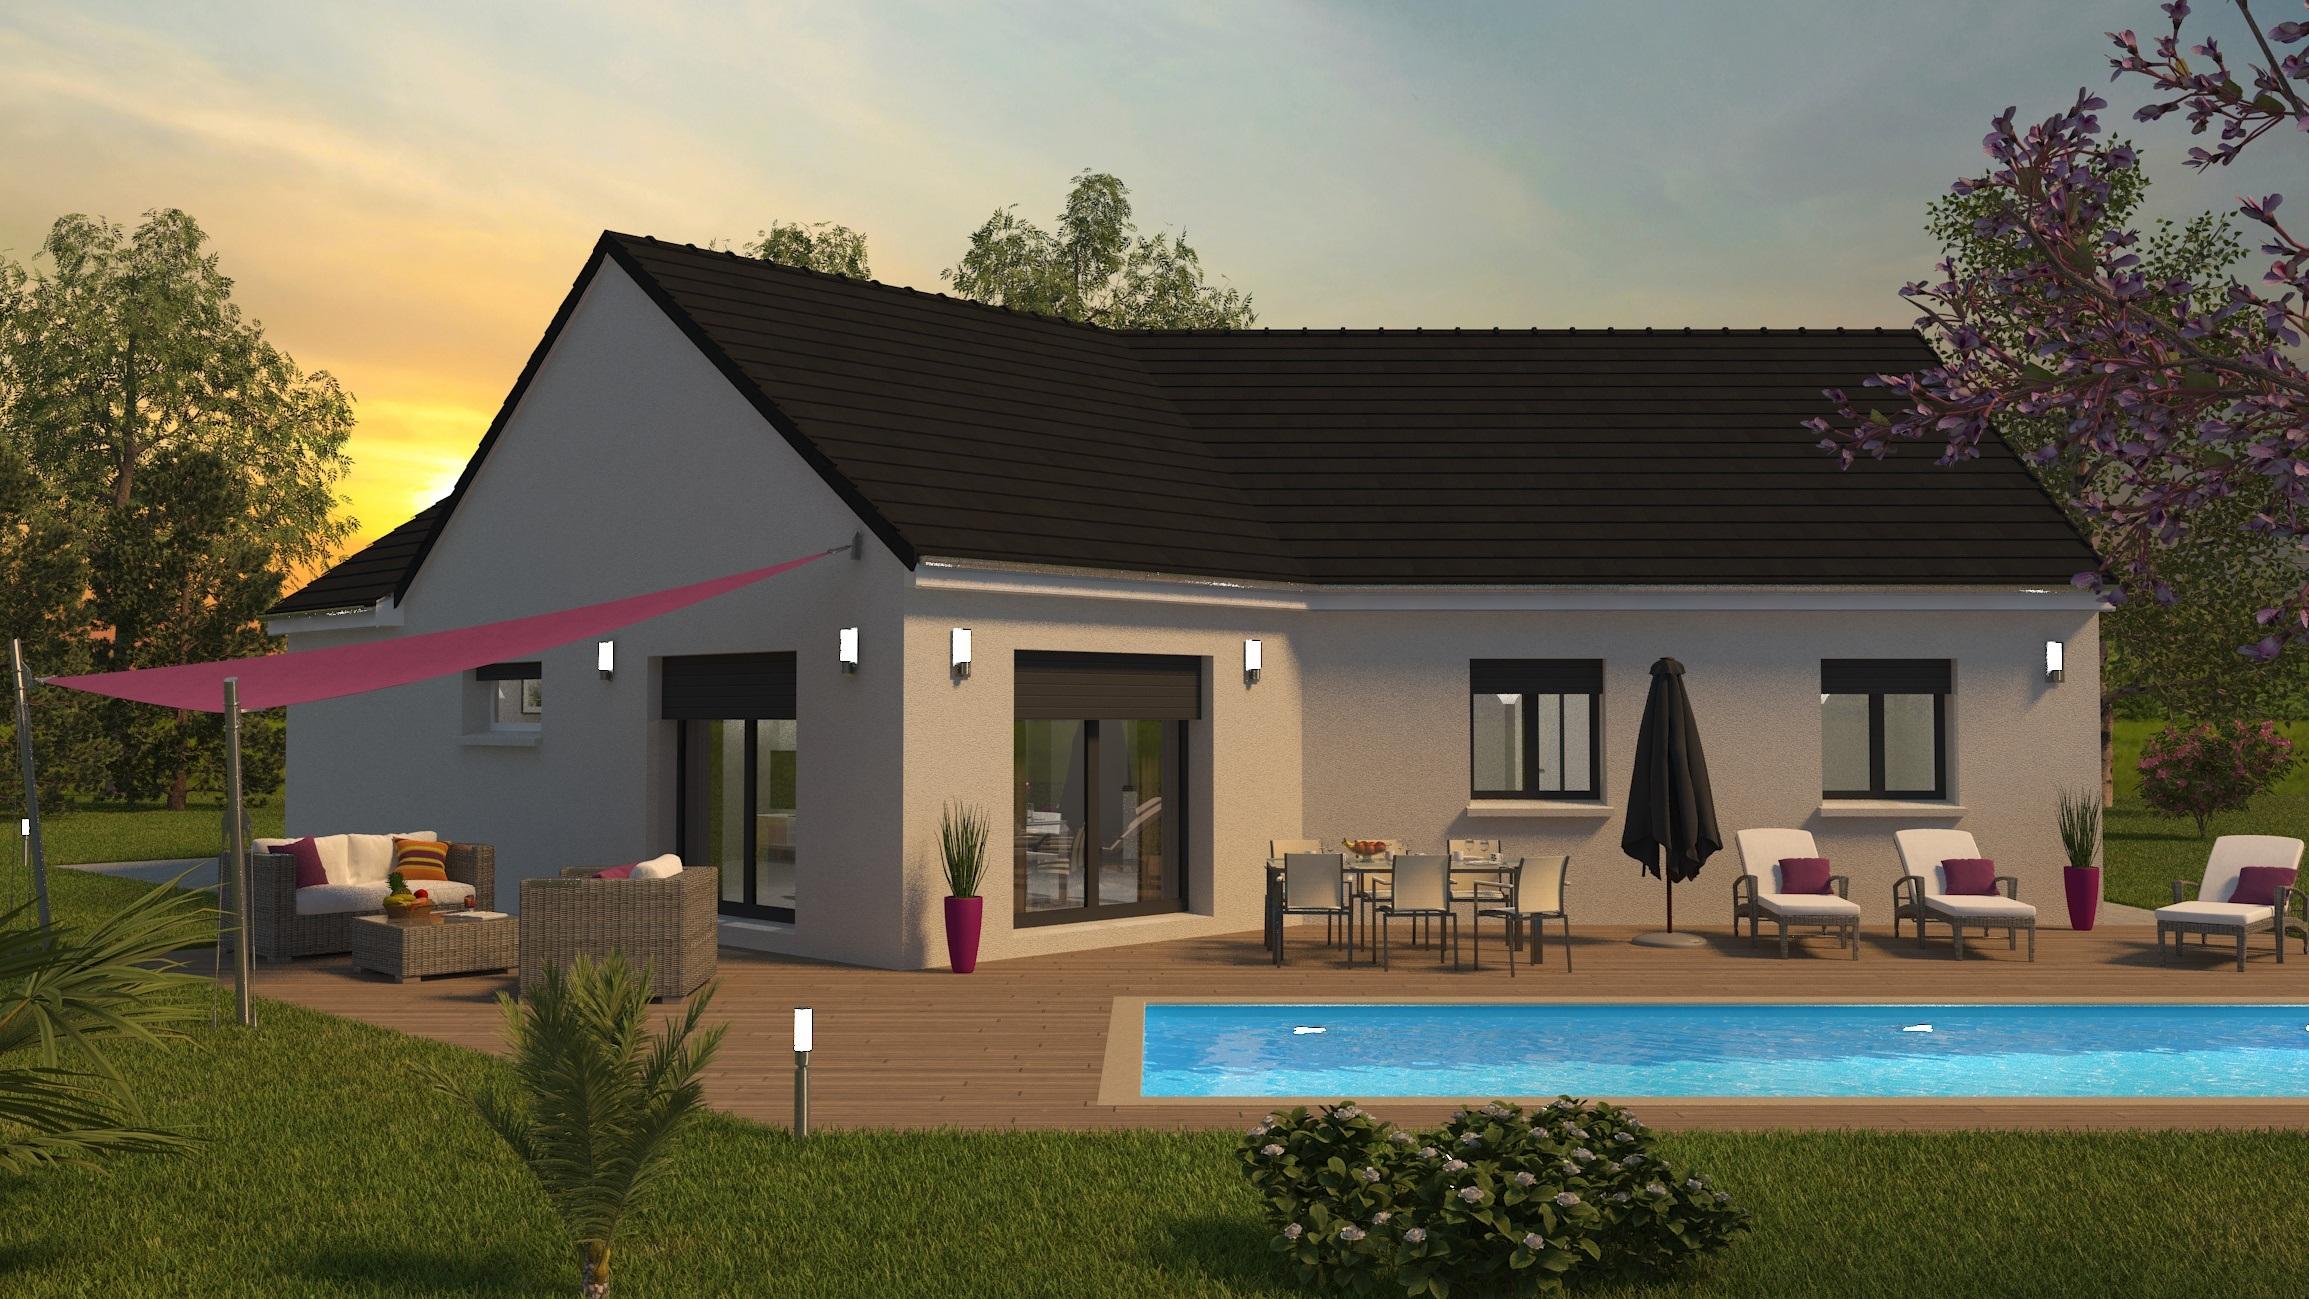 Espace 3 ch coucher de soleil Visuel 3D maison bourgogne bâtir Saône et Loire Chalon sur Saône